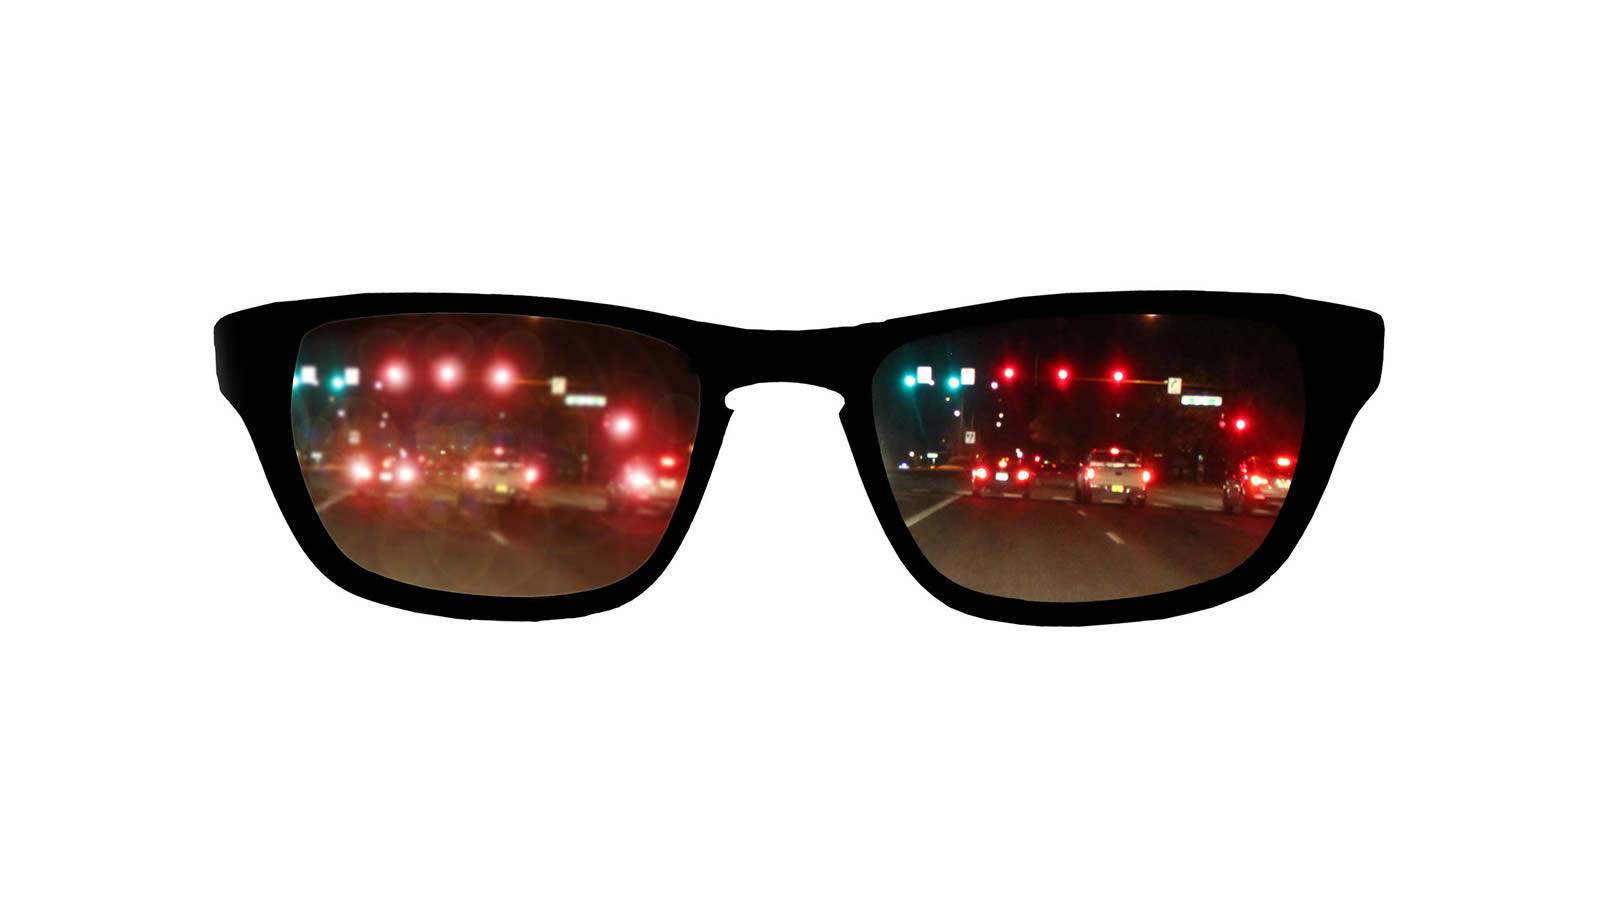 1993082bd3 Sirven los lentes anti réflex? - Tecnovortex